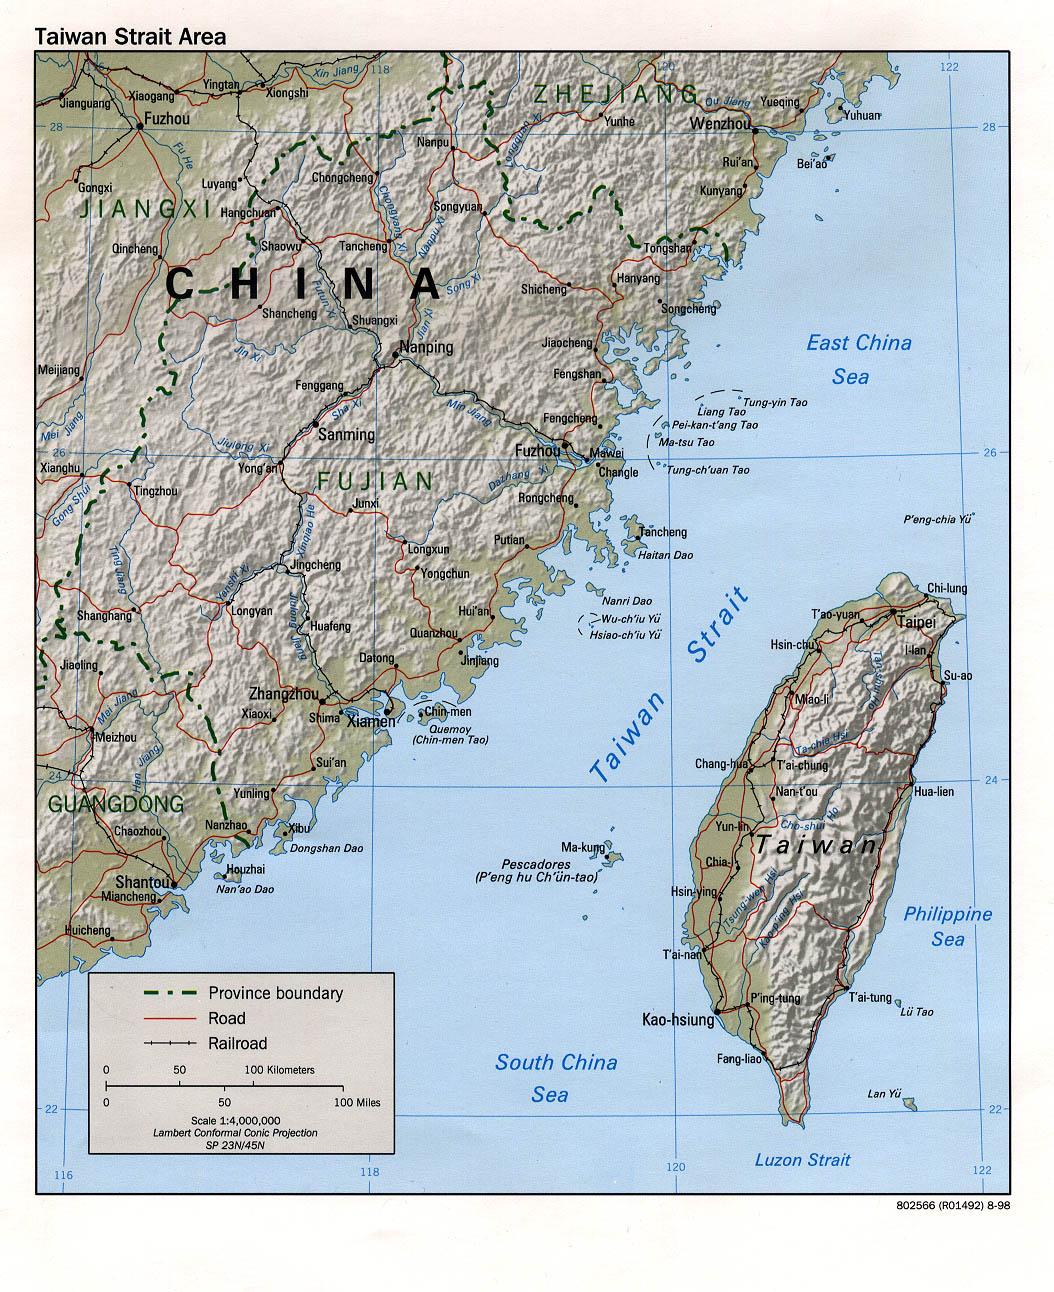 Mapa de Relieve Sombreado de la Région del Estrecho de Taiwán